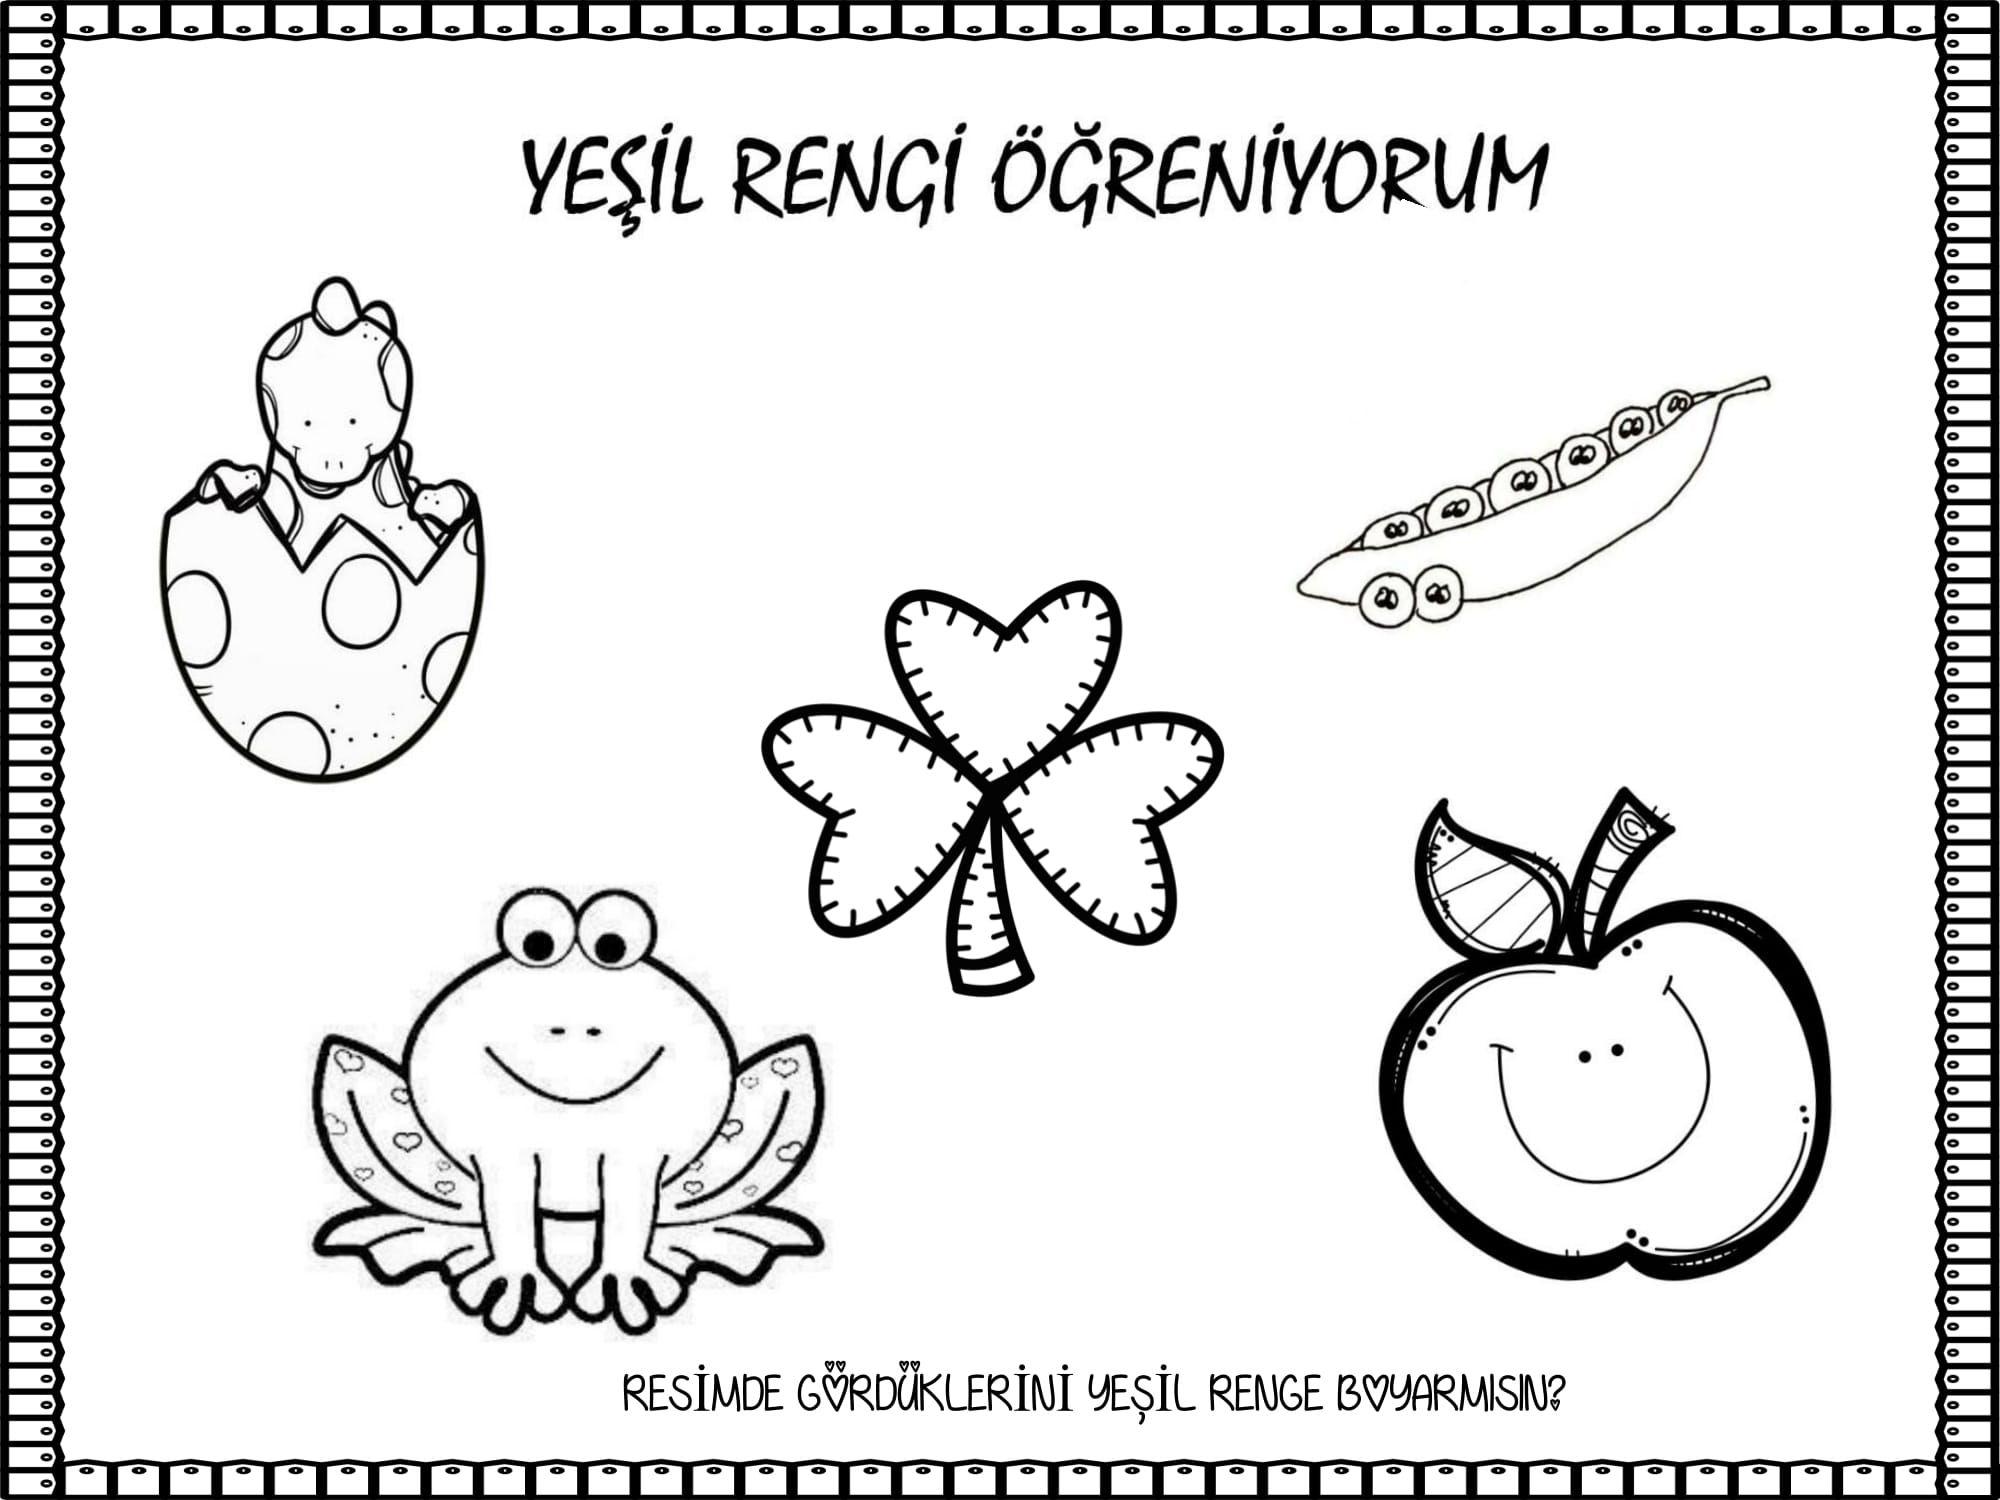 Okul Oncesi Yethil Renk Boyama Sayfasy Resim Cizmek